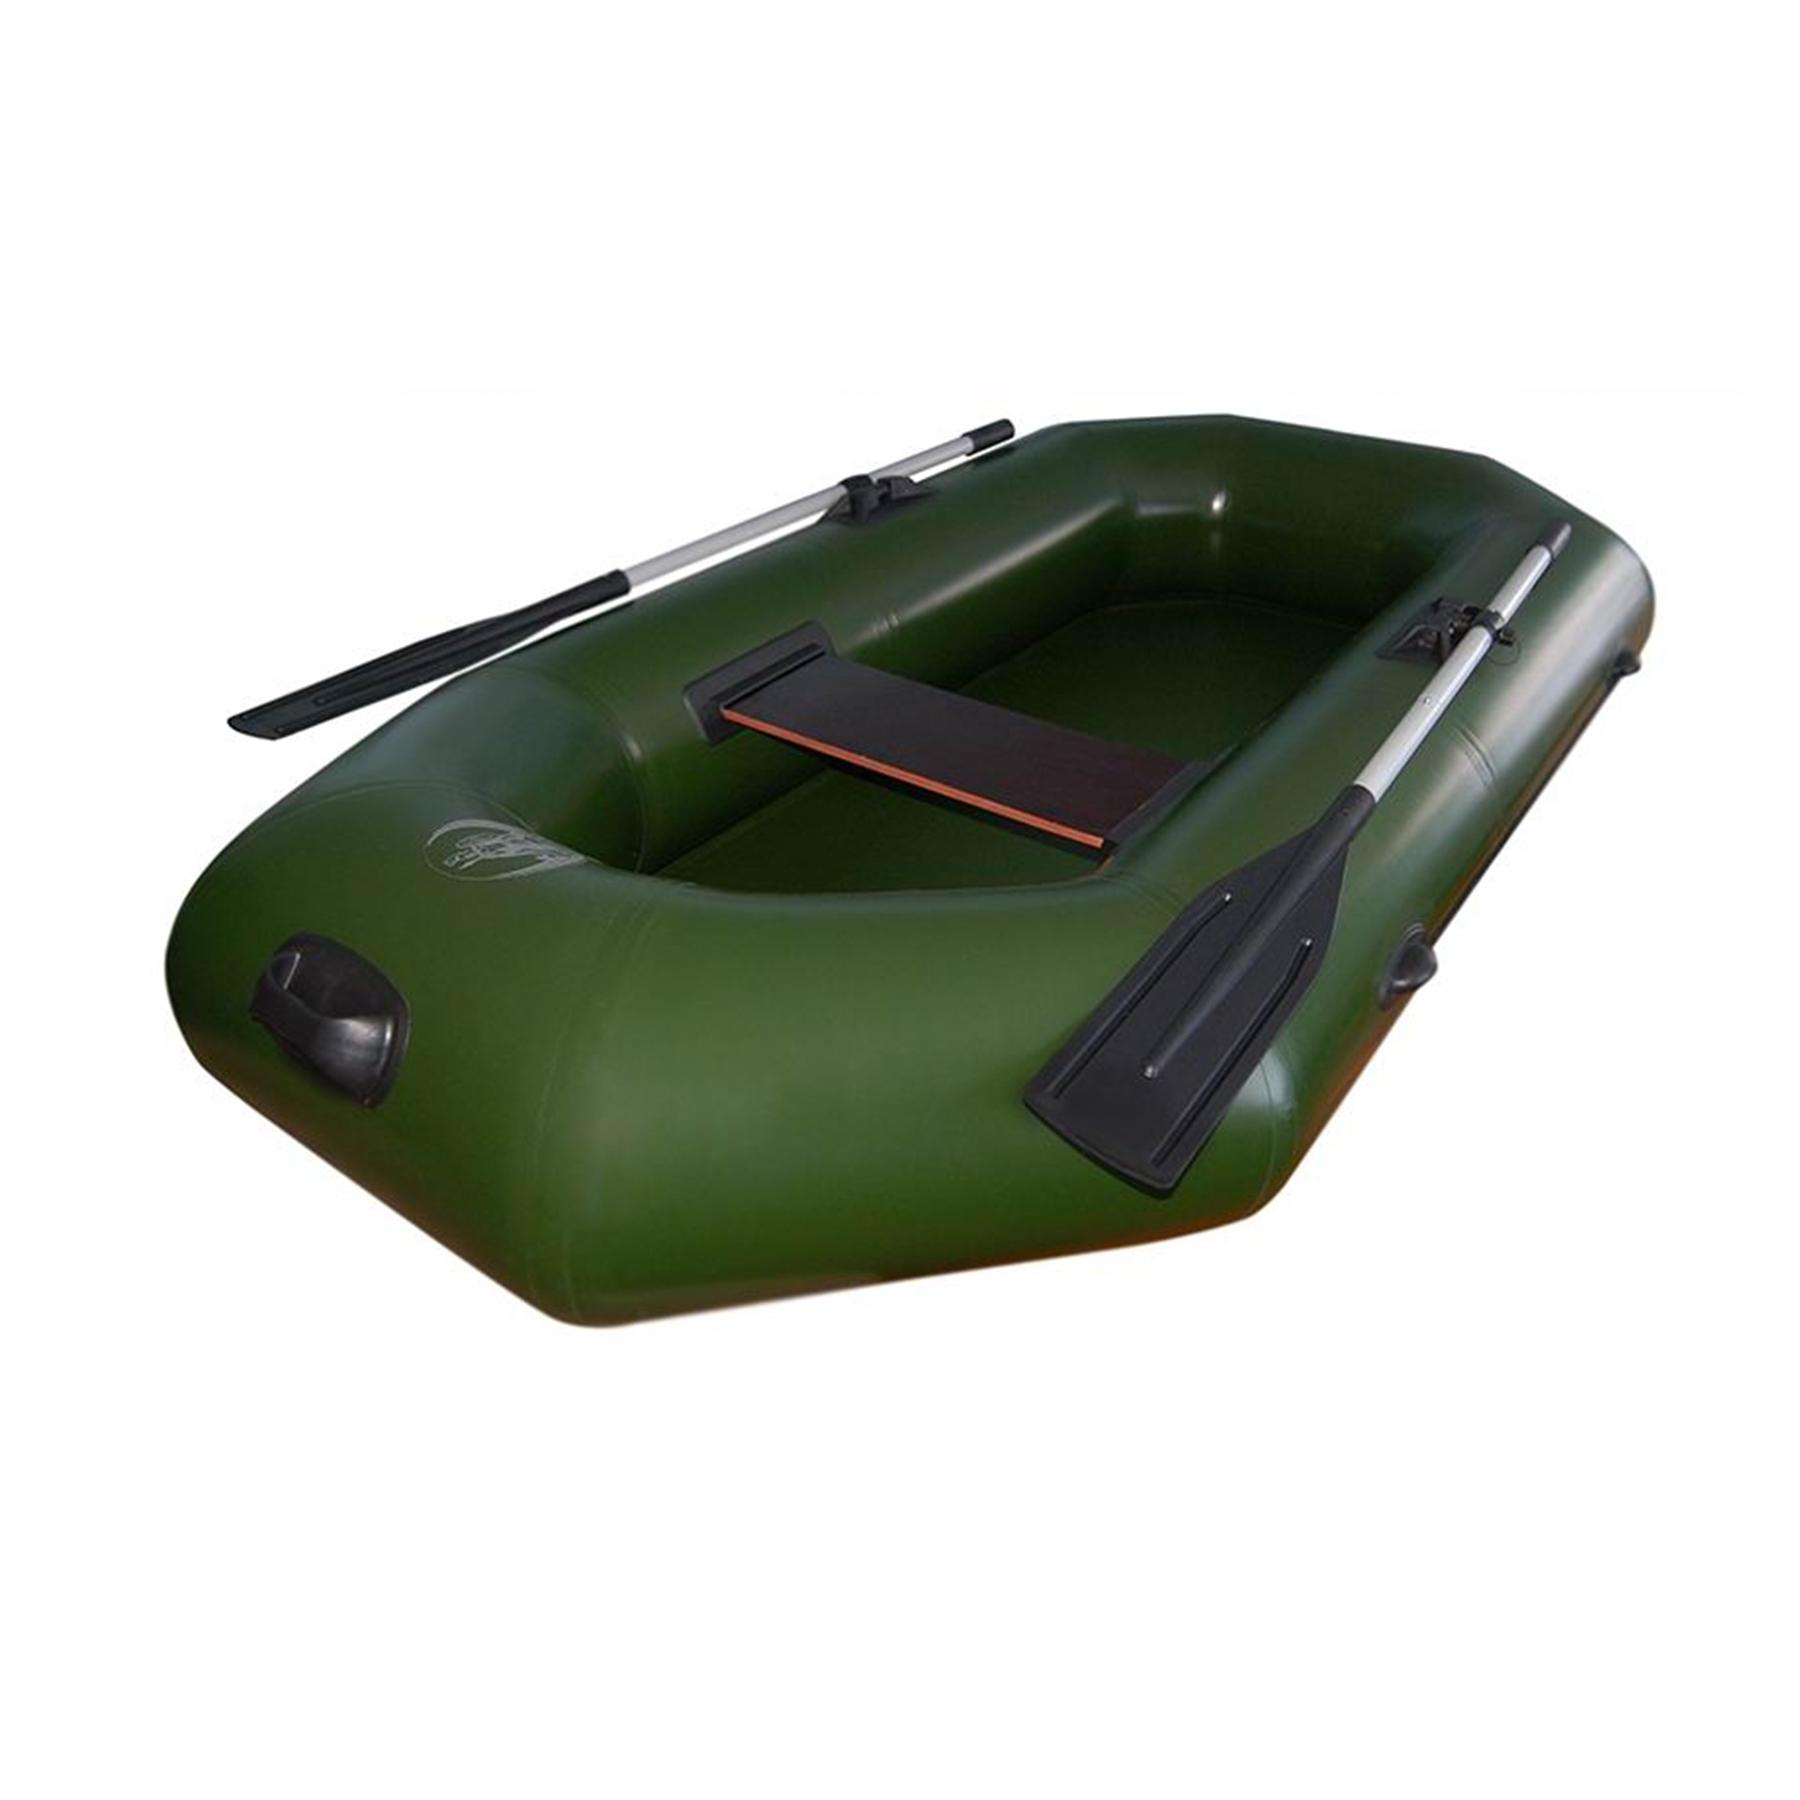 Лодка Легион - 210 / 215  (210*114см, гр.под.160 кг,2отс.,10 кг,ж.сид.,весла) АКЦИЯ!